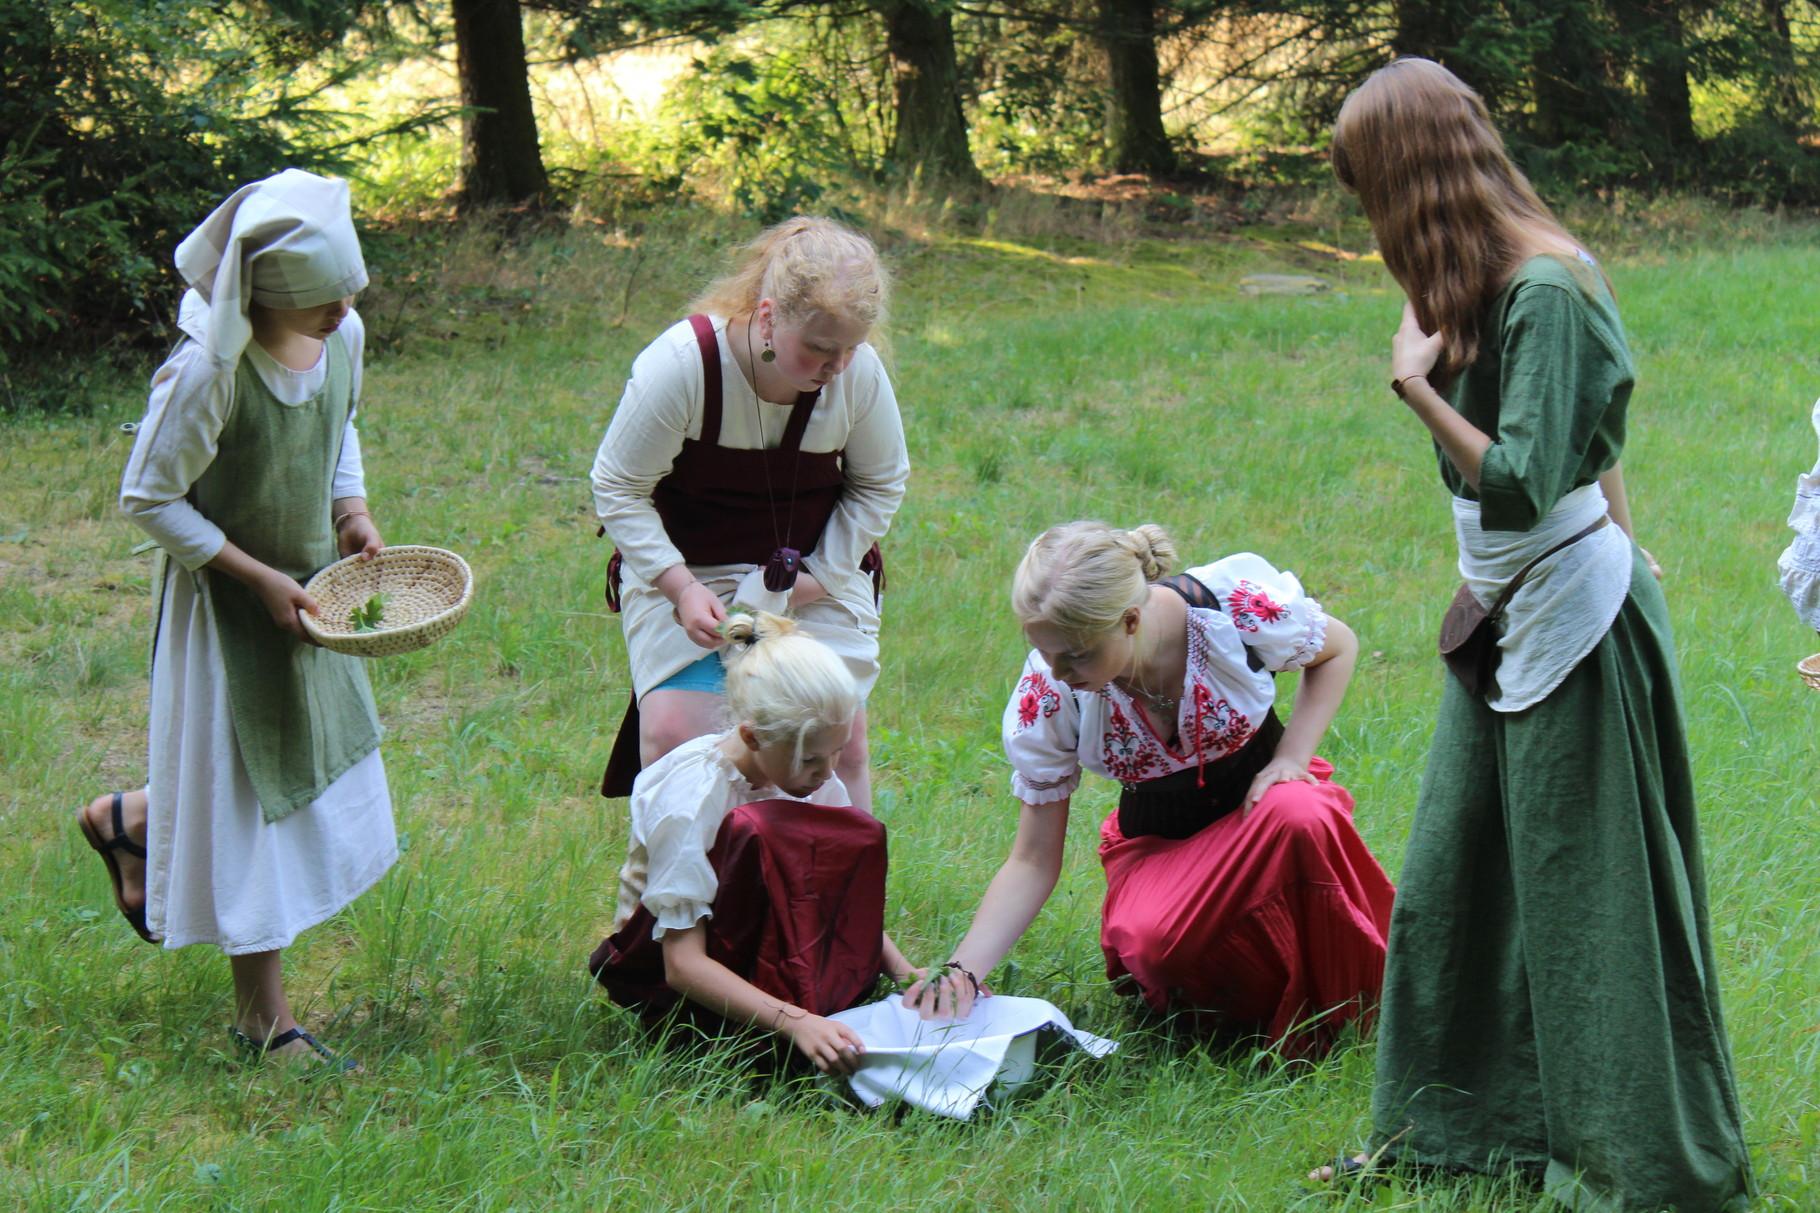 Das Wasser auf der Feuerstelle kocht schon fast, darum sammeln einige Bewohner die notwendigen Tee-Kräuter.